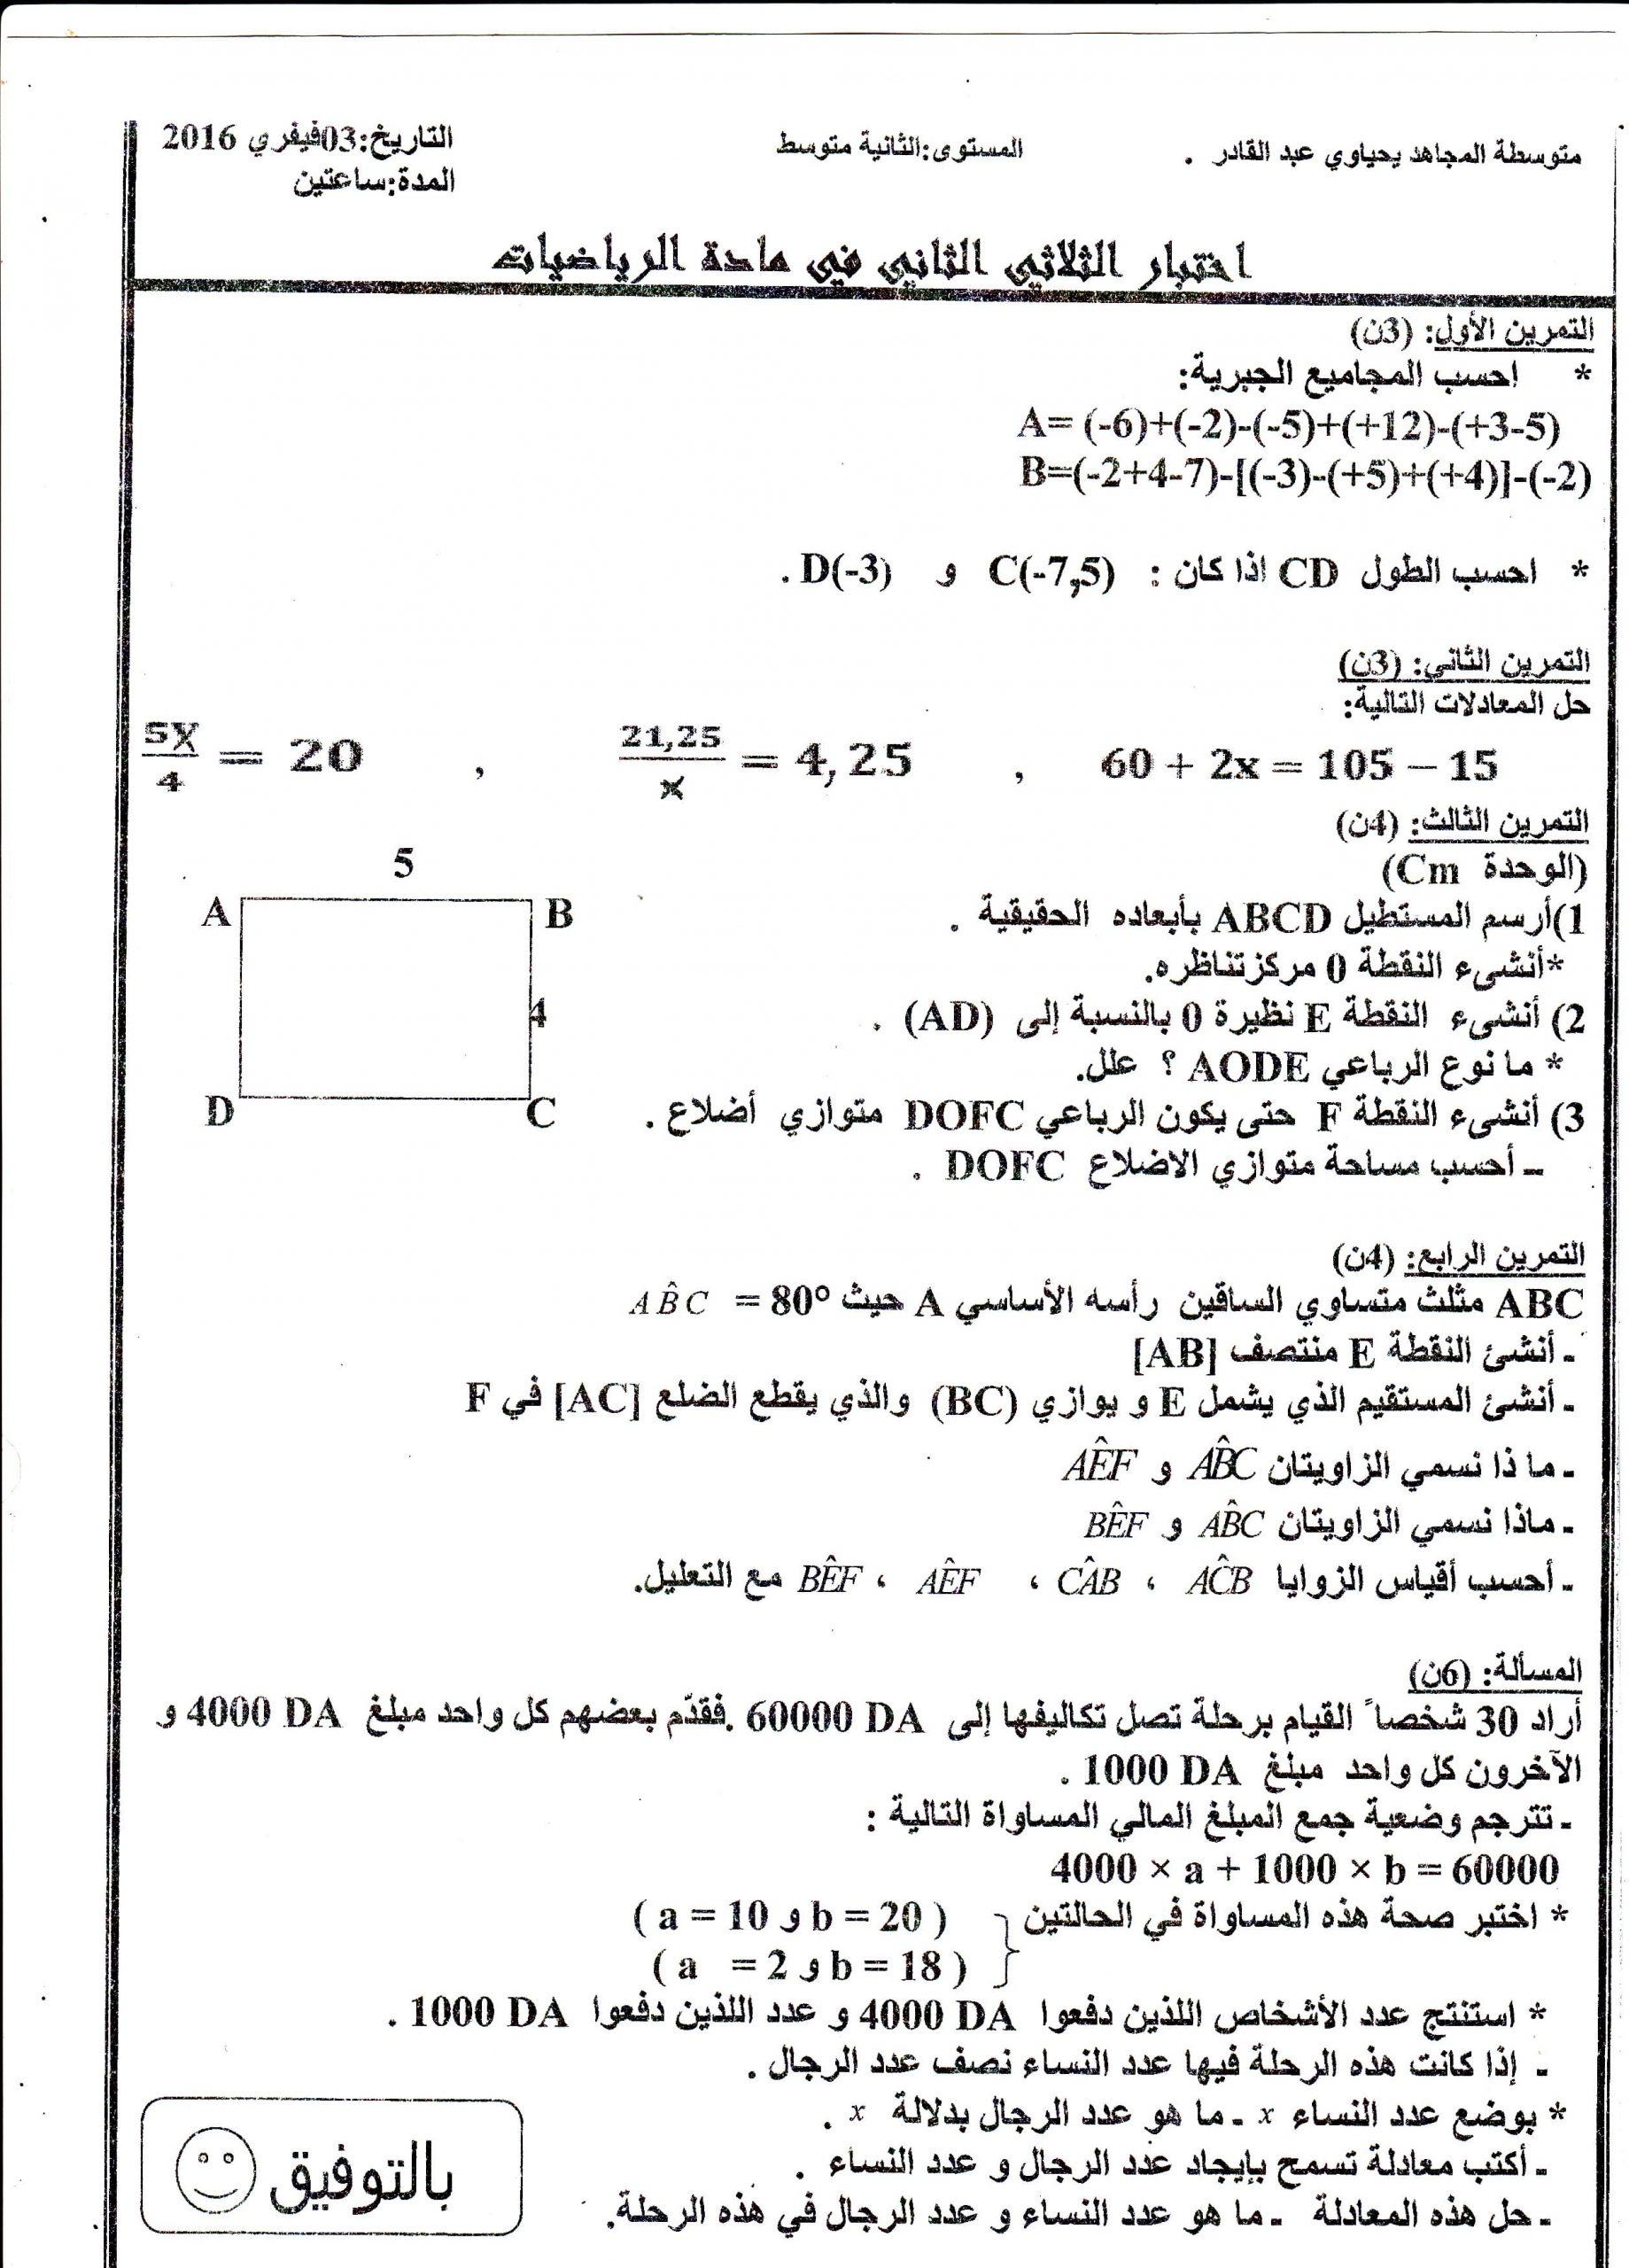 اختبار الفصل الثاني في مادة الرياضيات للسنة الثانية متوسط - الموضوع 01